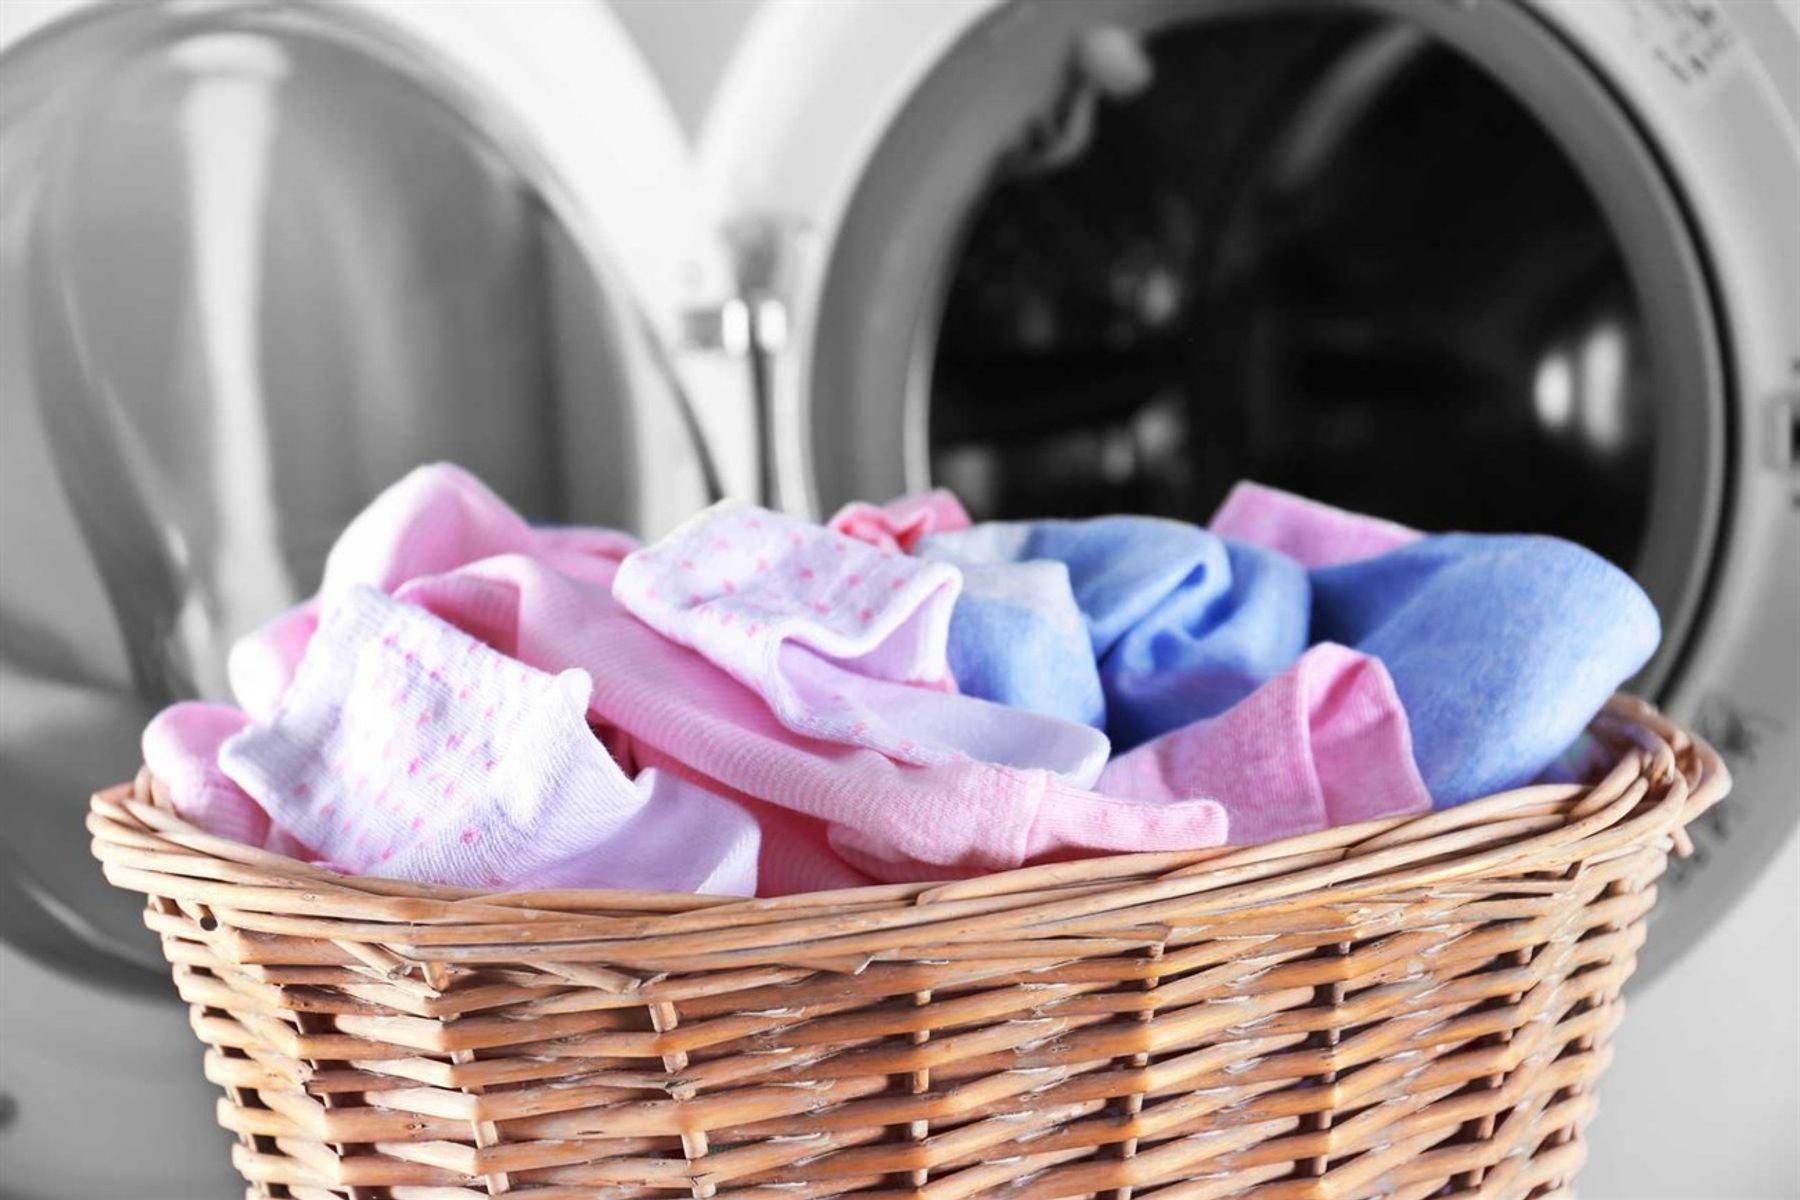 Giặt quần áo thế nào không bị phai màu, luông tươi mới